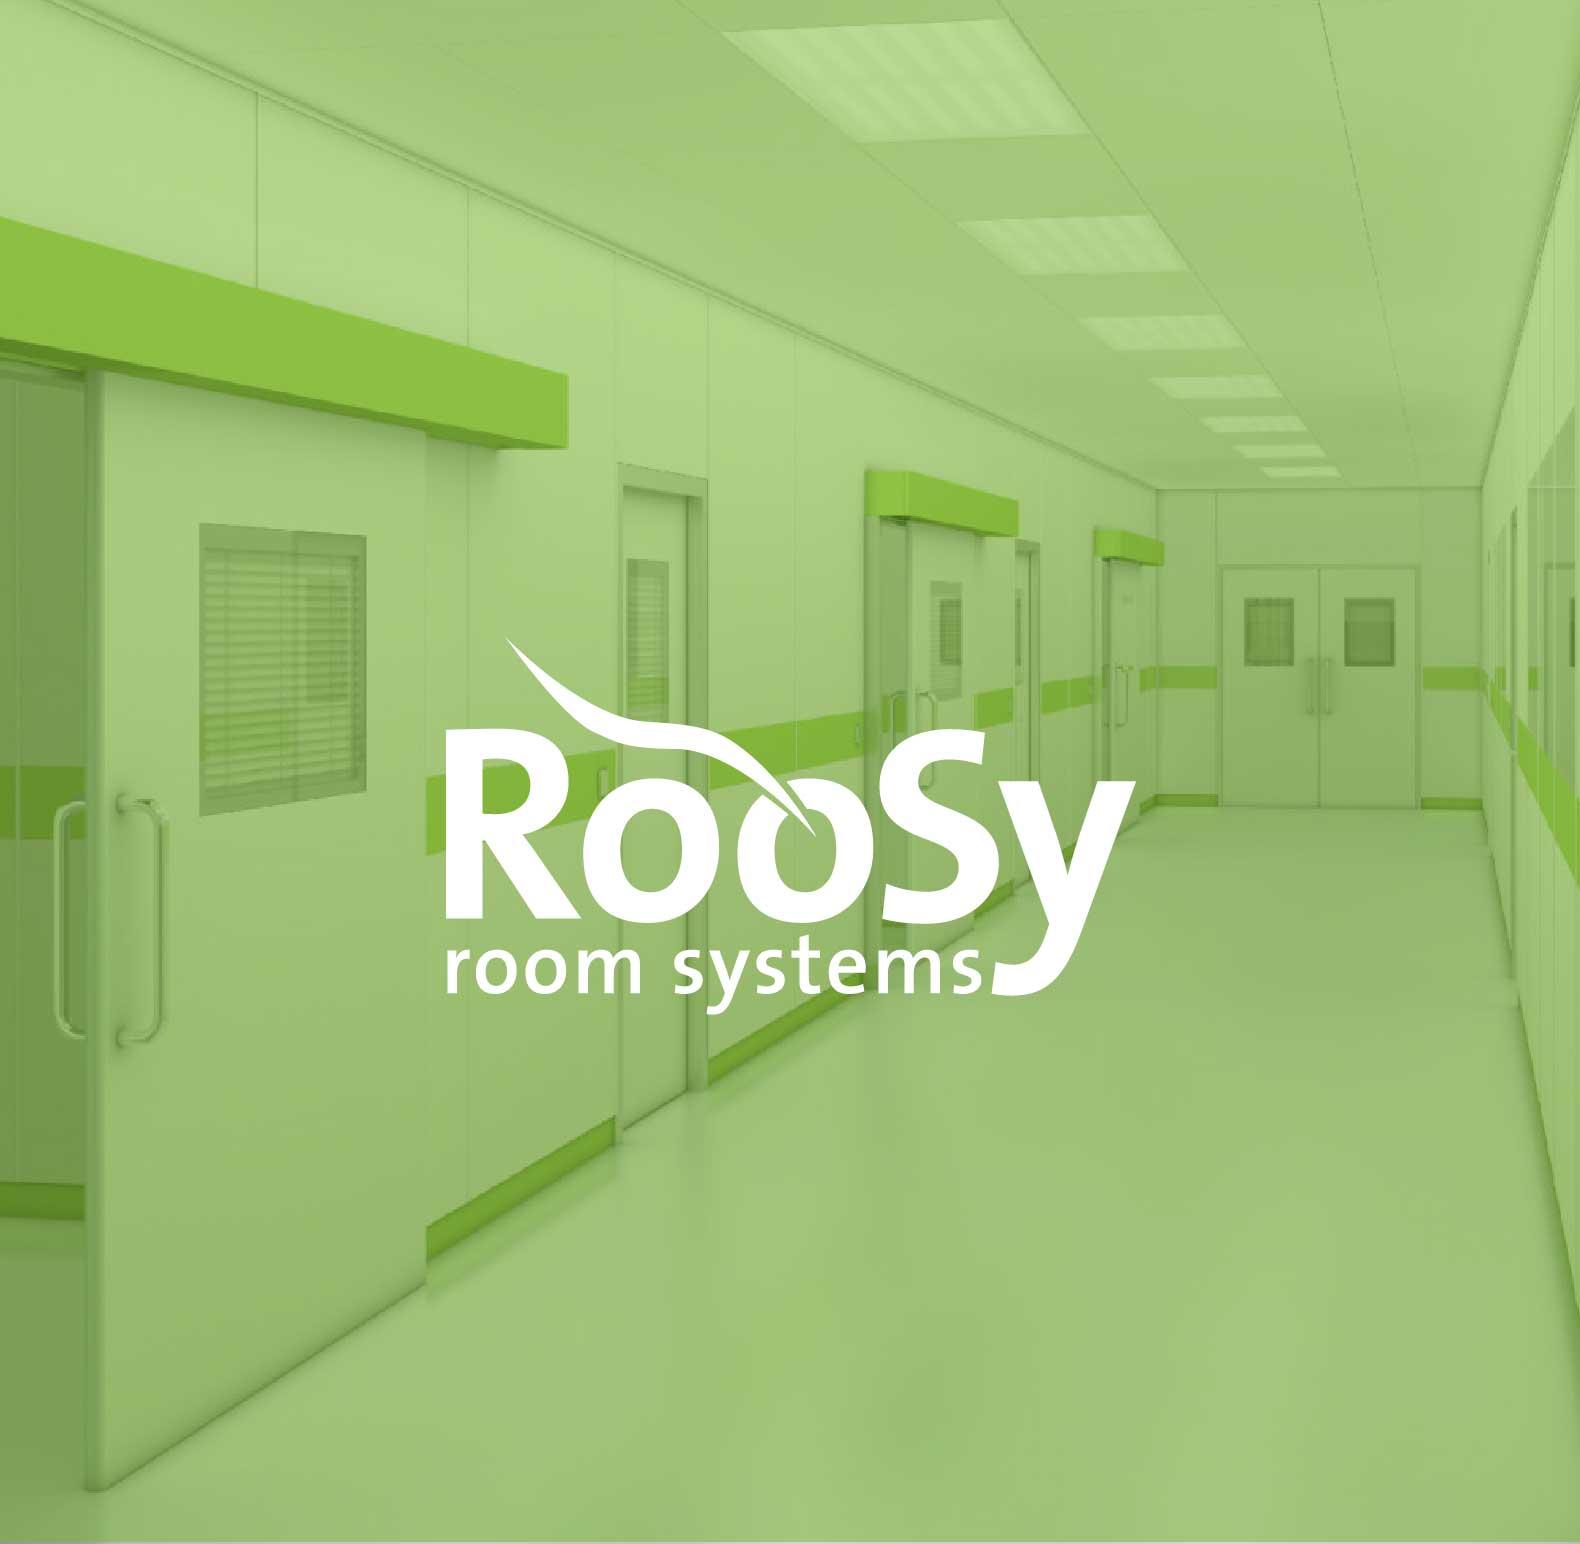 roosy_medifa_hr-01